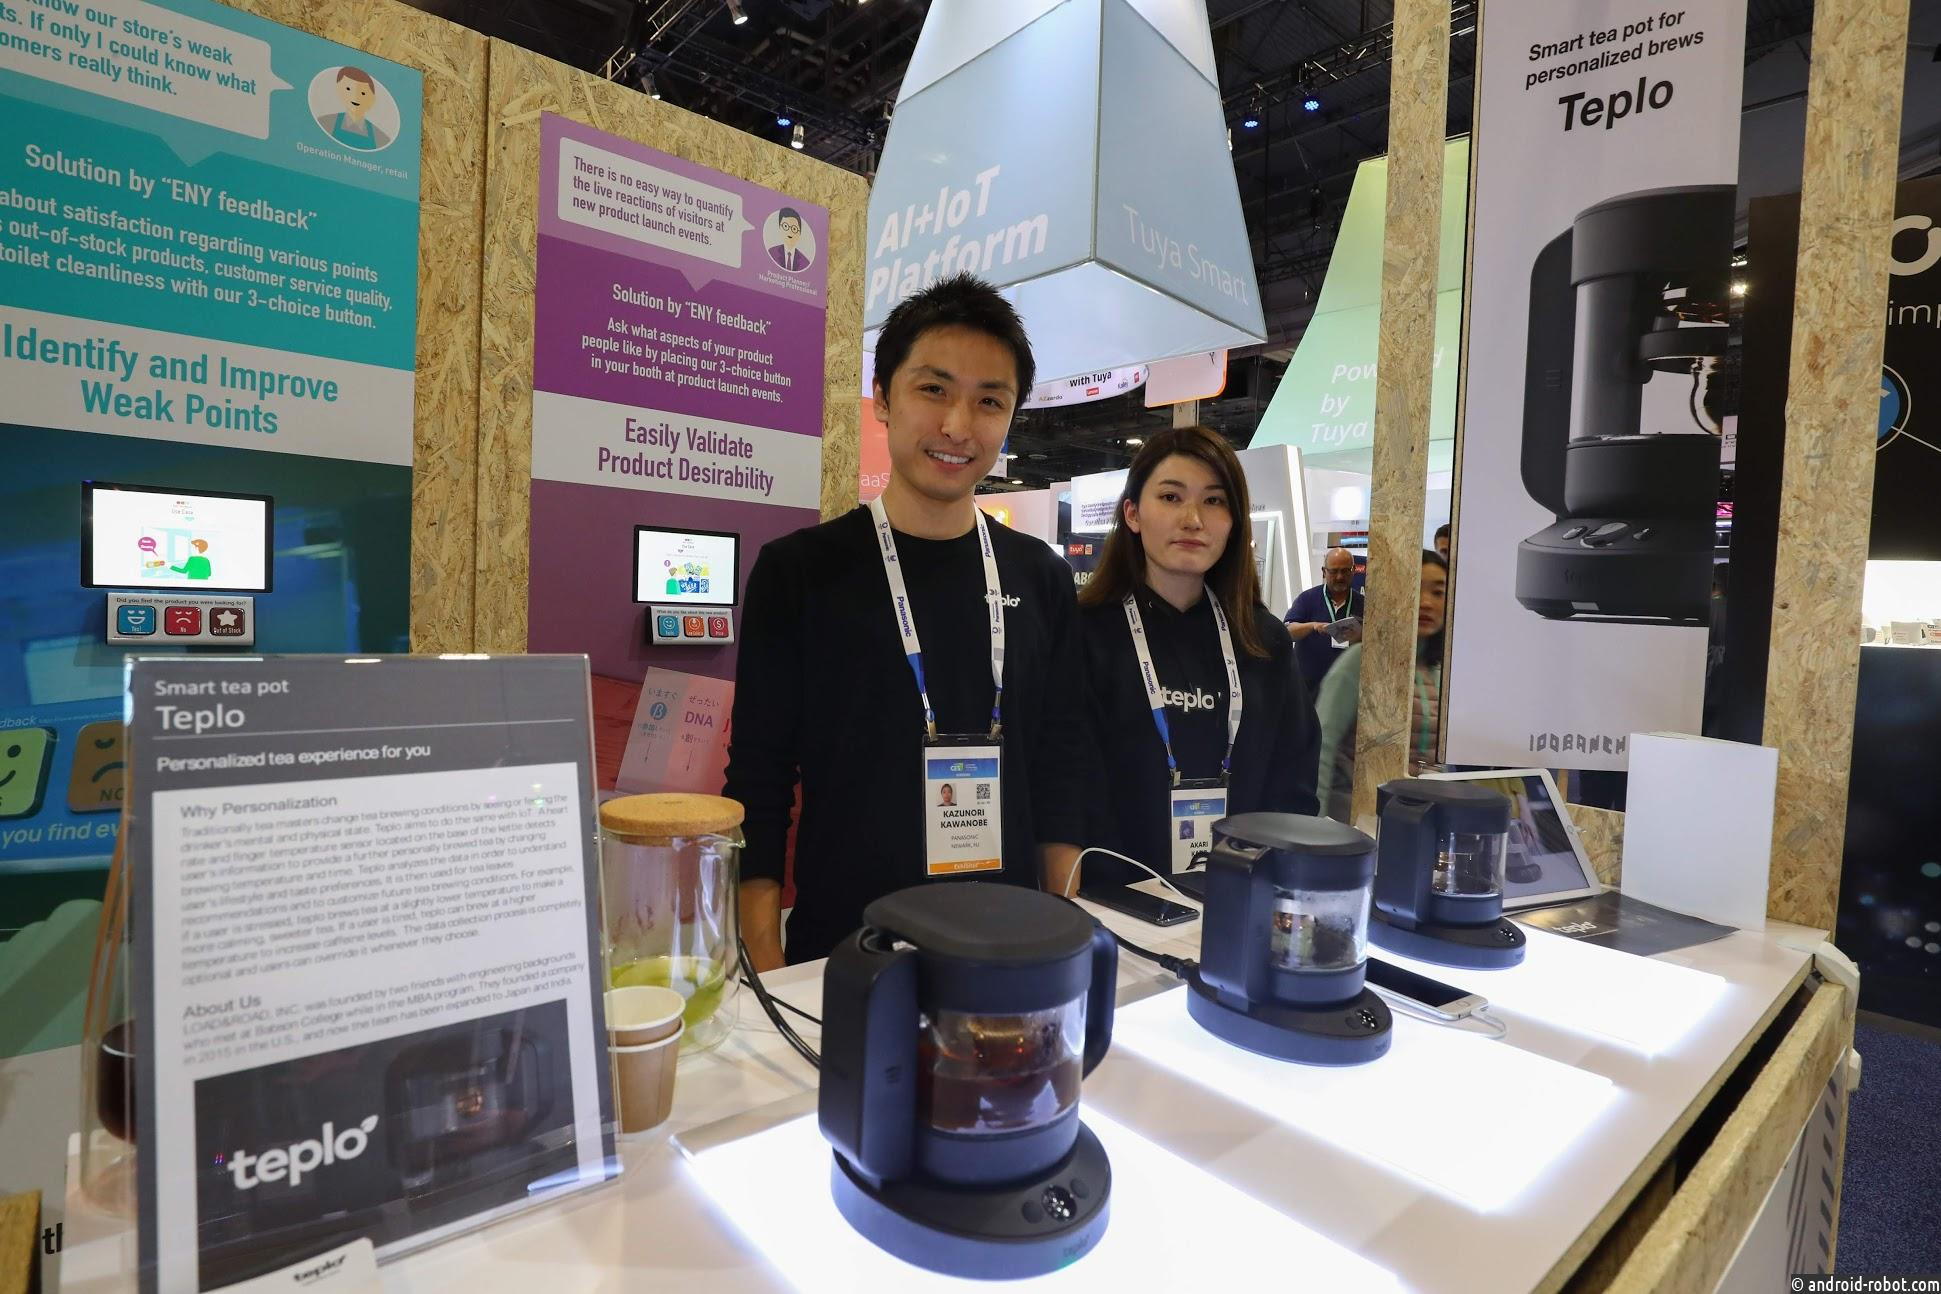 Panasonic представил умный заварочный чайник с «русским» названием Teplo